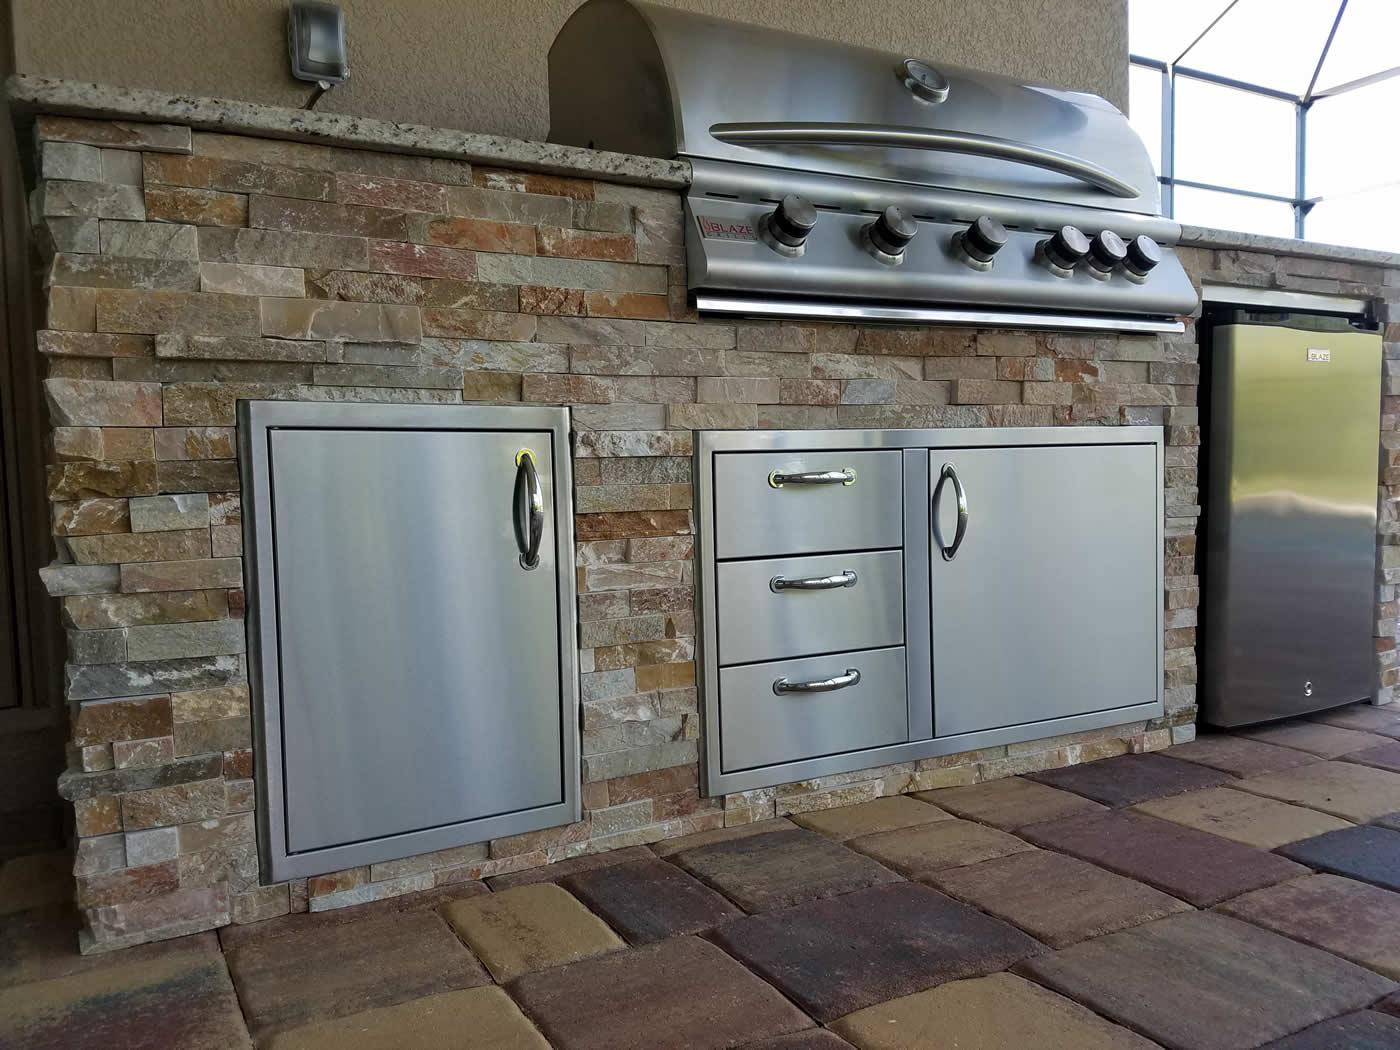 Blaze Outdoor Kitchen Drawers And Doors Stainless Steel Doors And Drawers Bbq Doors And